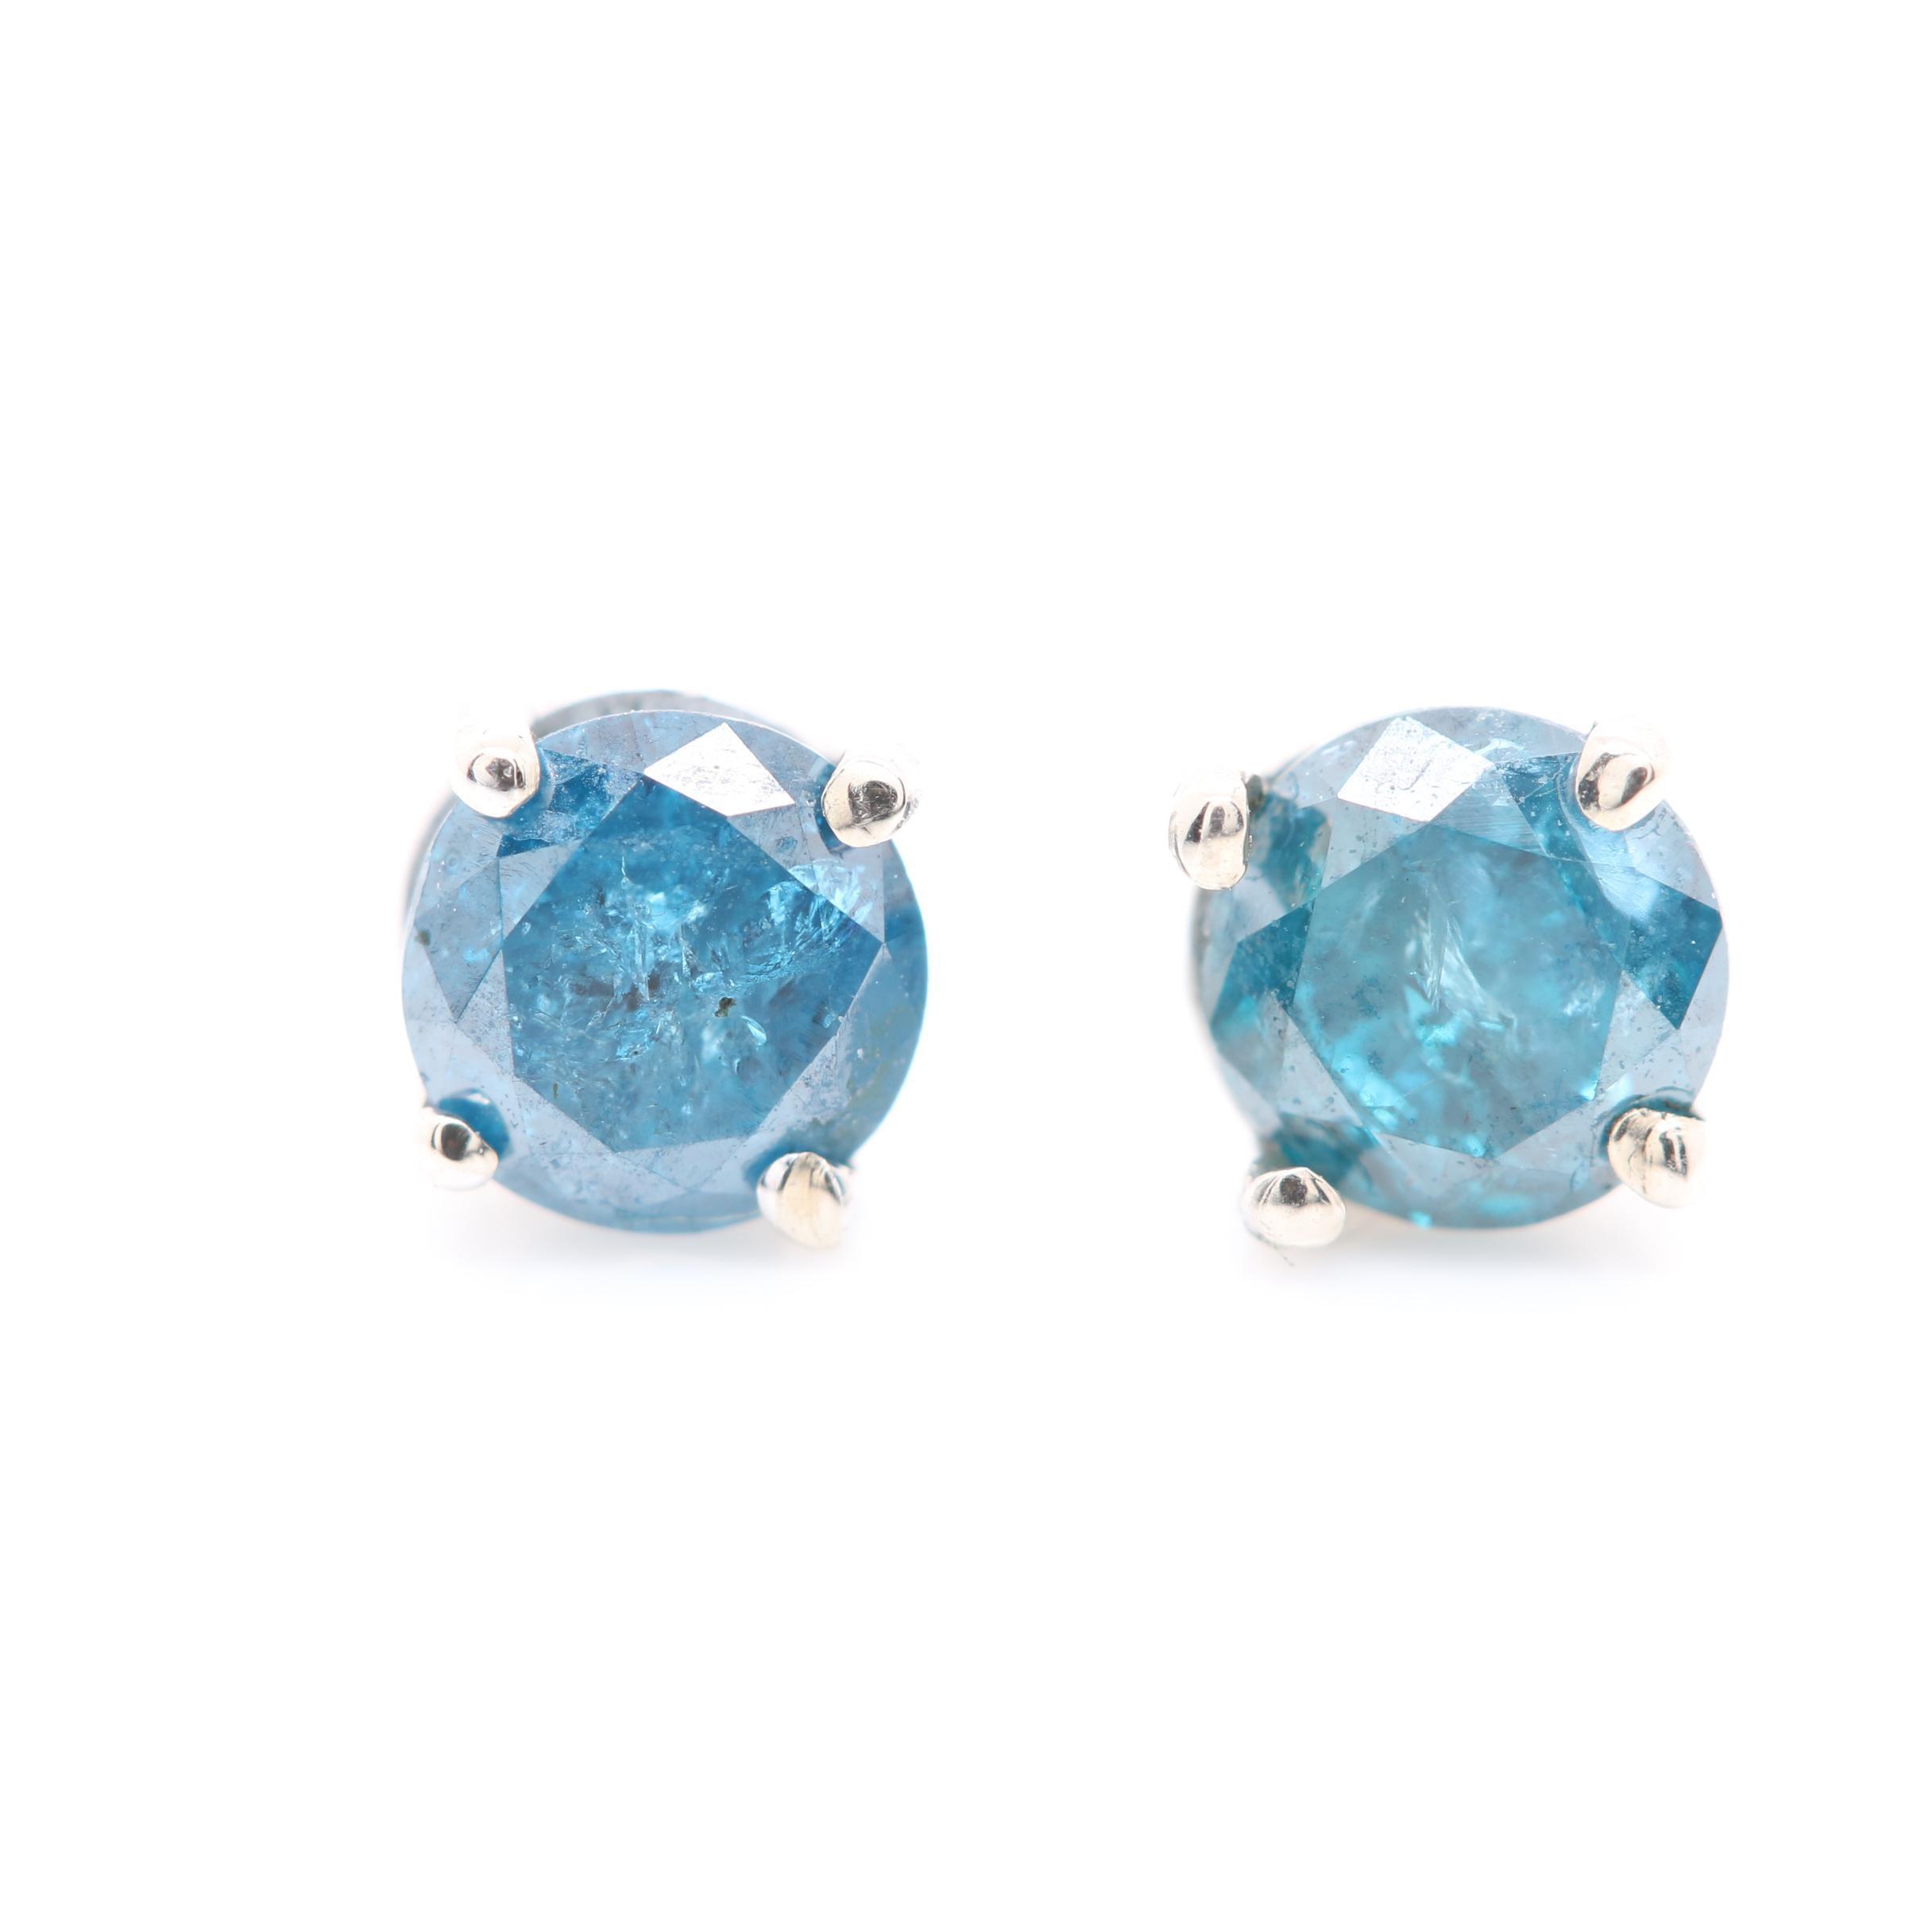 14K White Gold Blue Diamond Stud Earrings